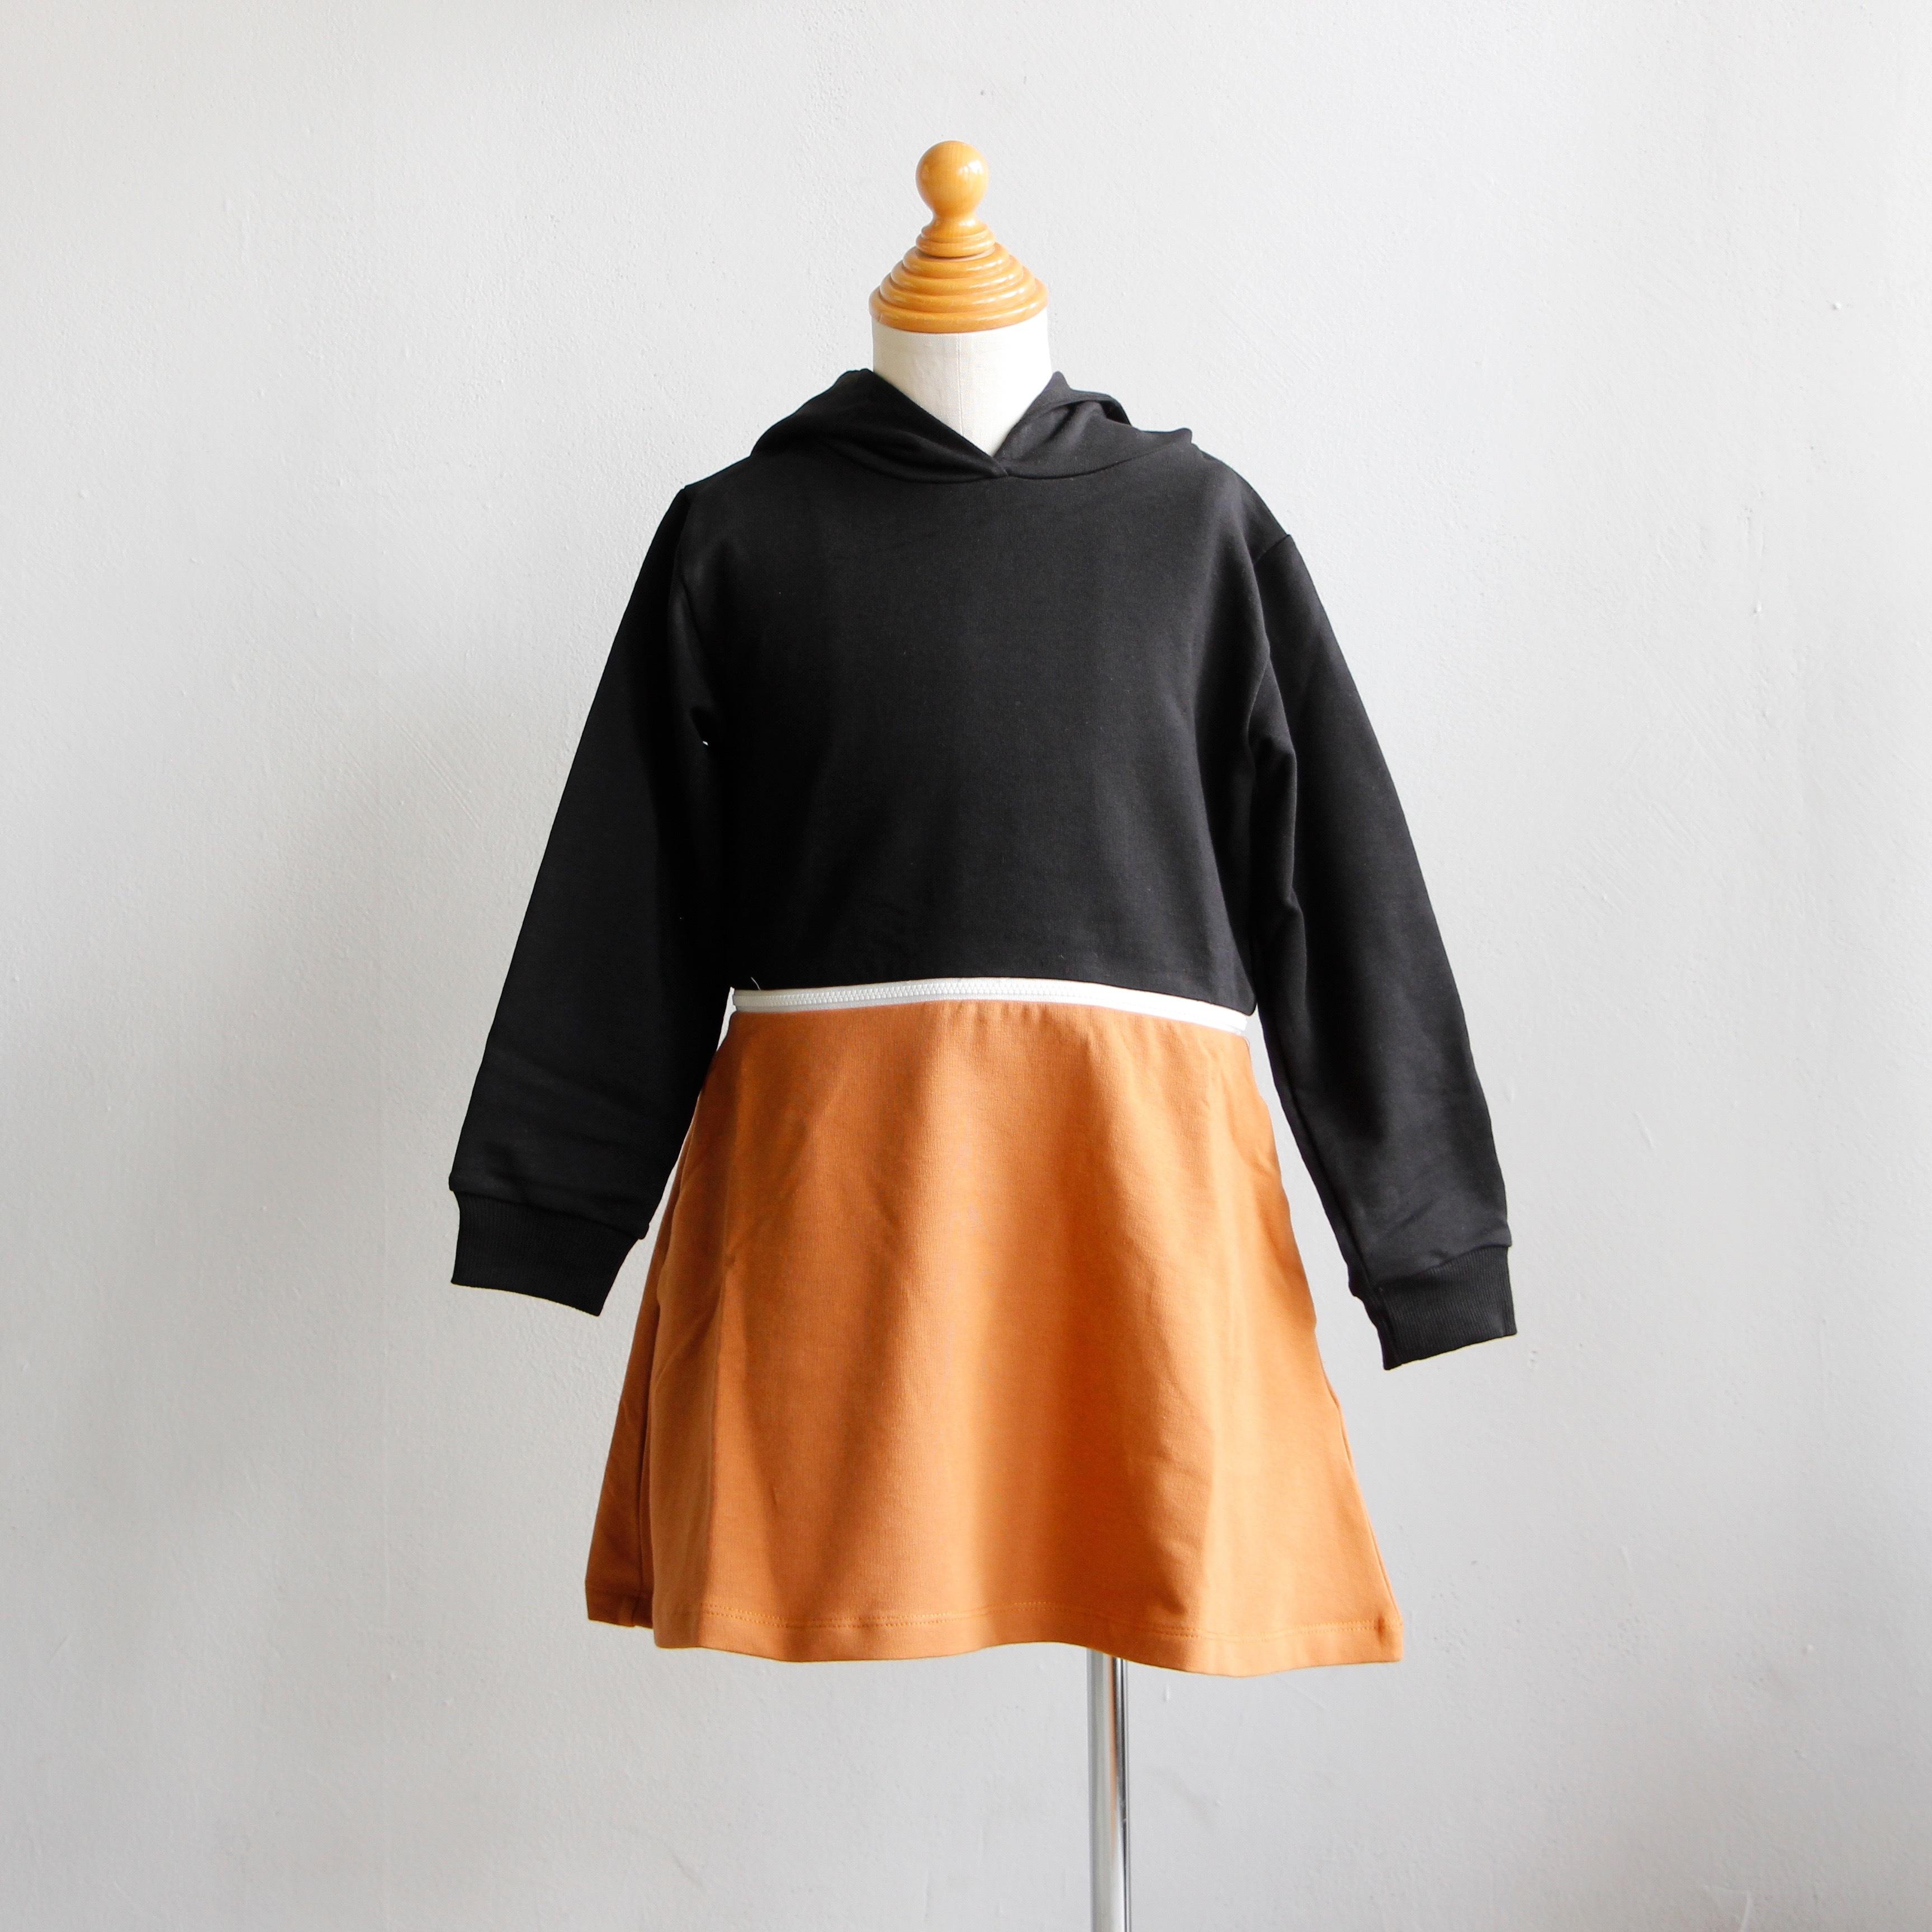 《WAWA 2019AW》HELLO DRESS / brown × black